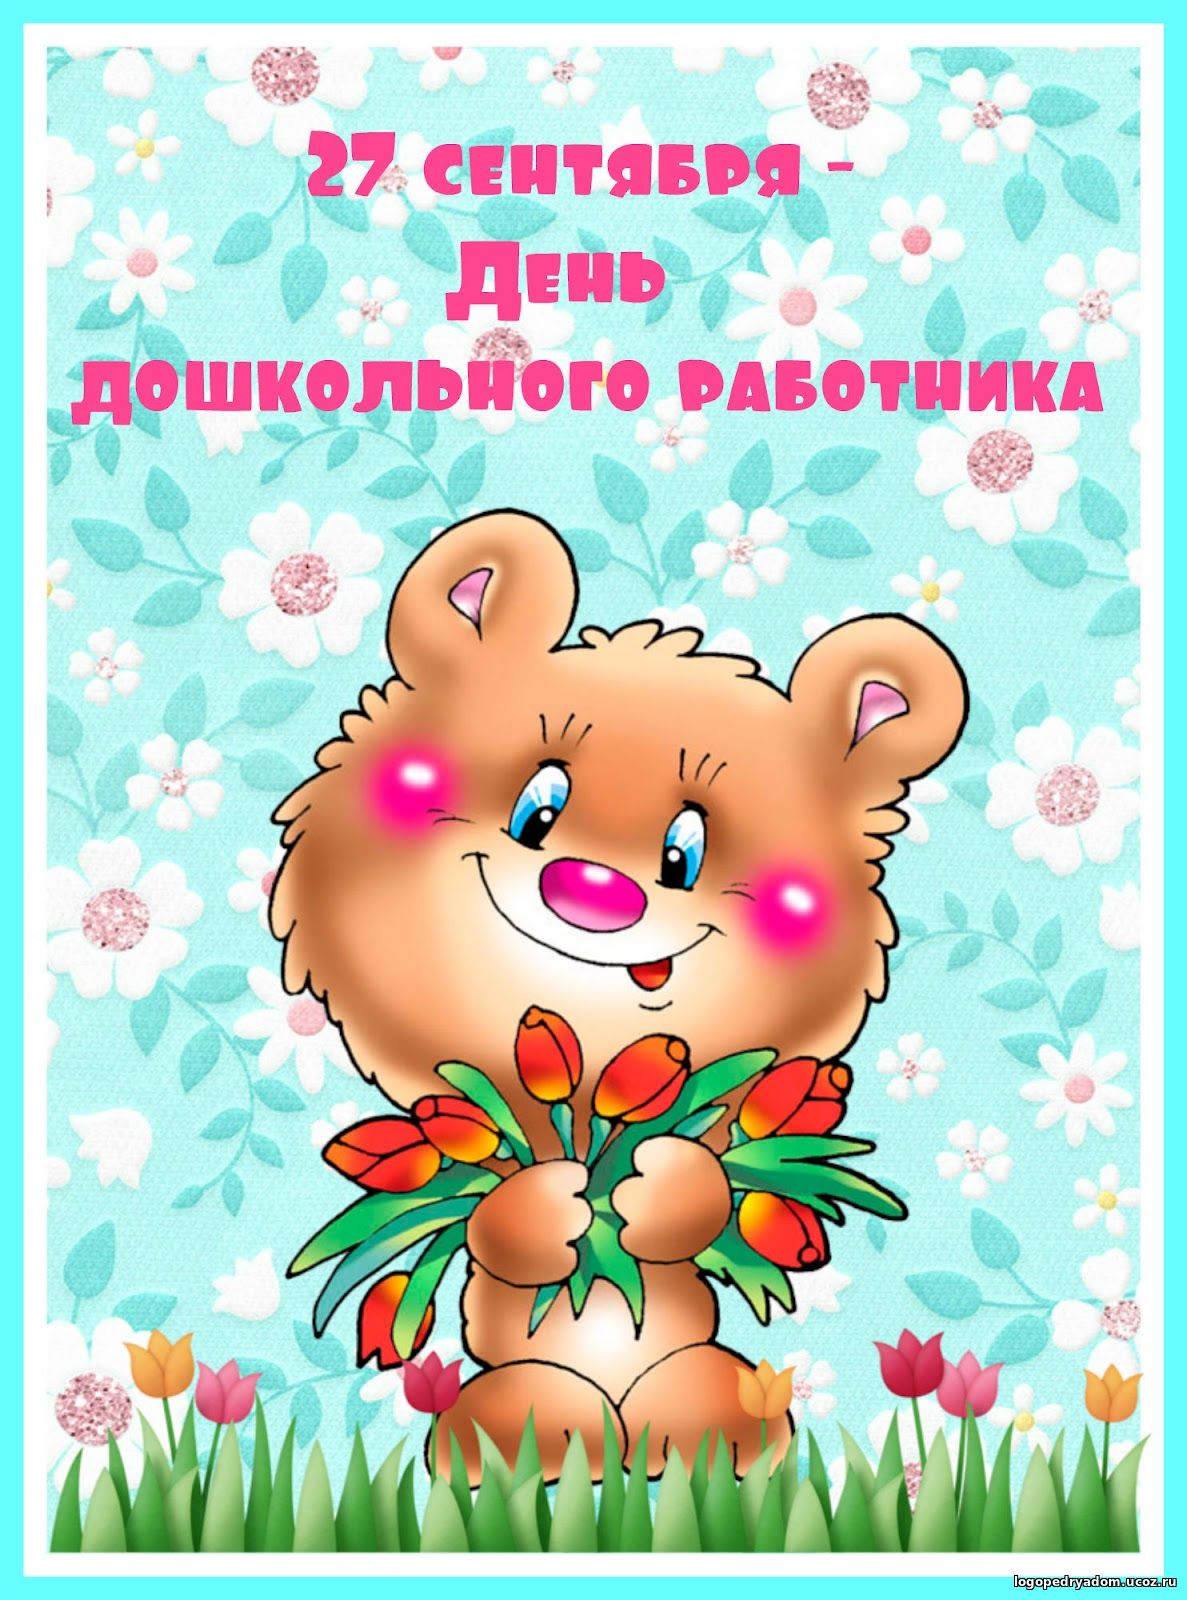 С днем дошкольного работника 27 сентября открытки